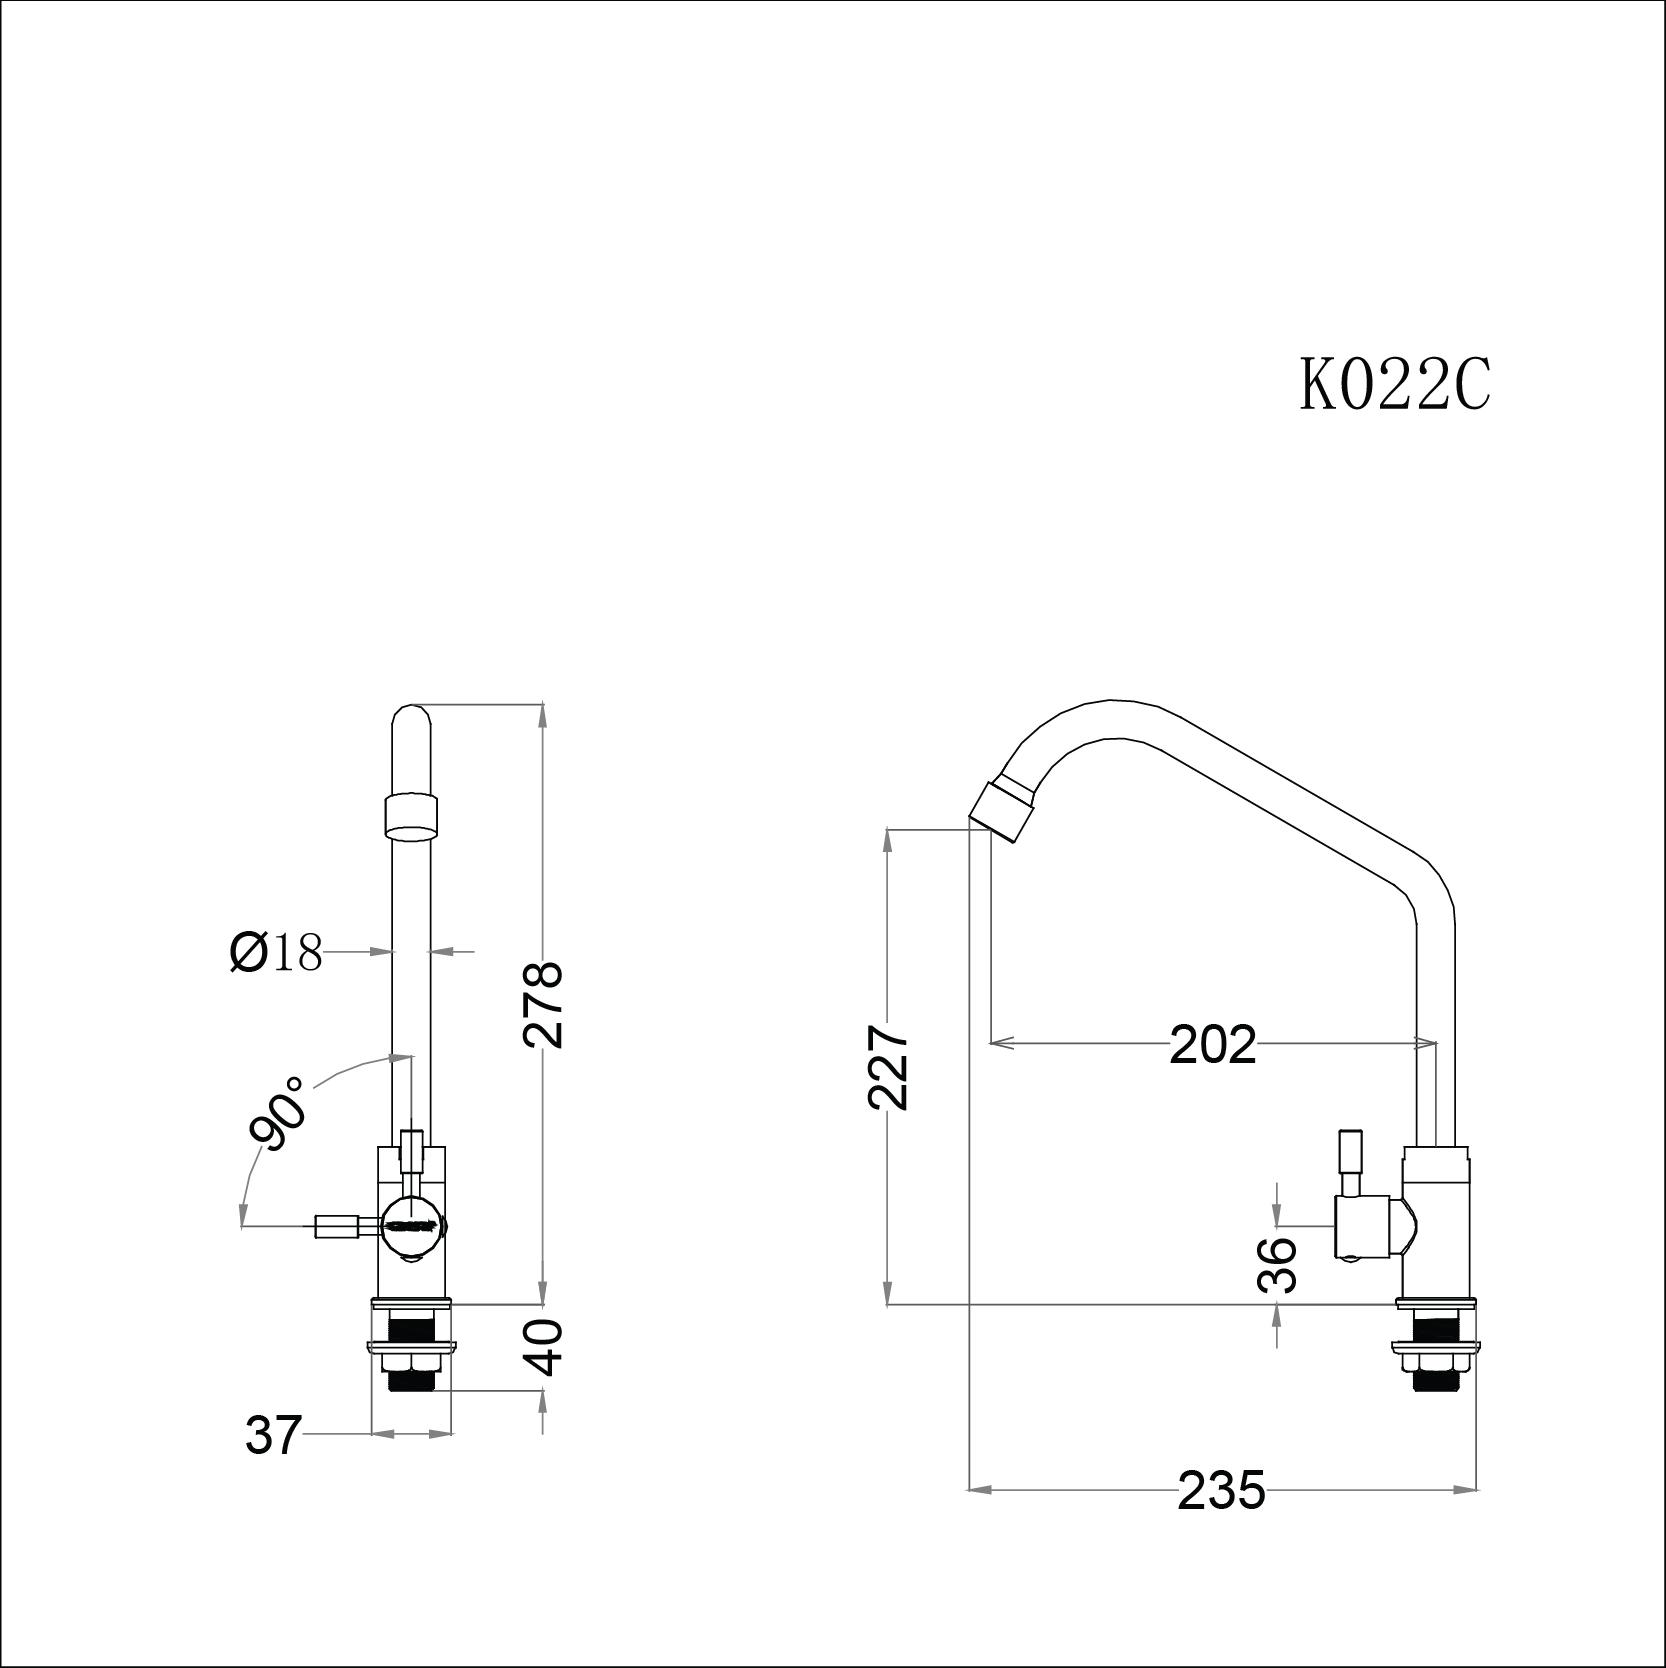 Vòi bếp lạnh cao cổ gắn chậu  Caesar K022C (chưa bao gồm dây cấp)